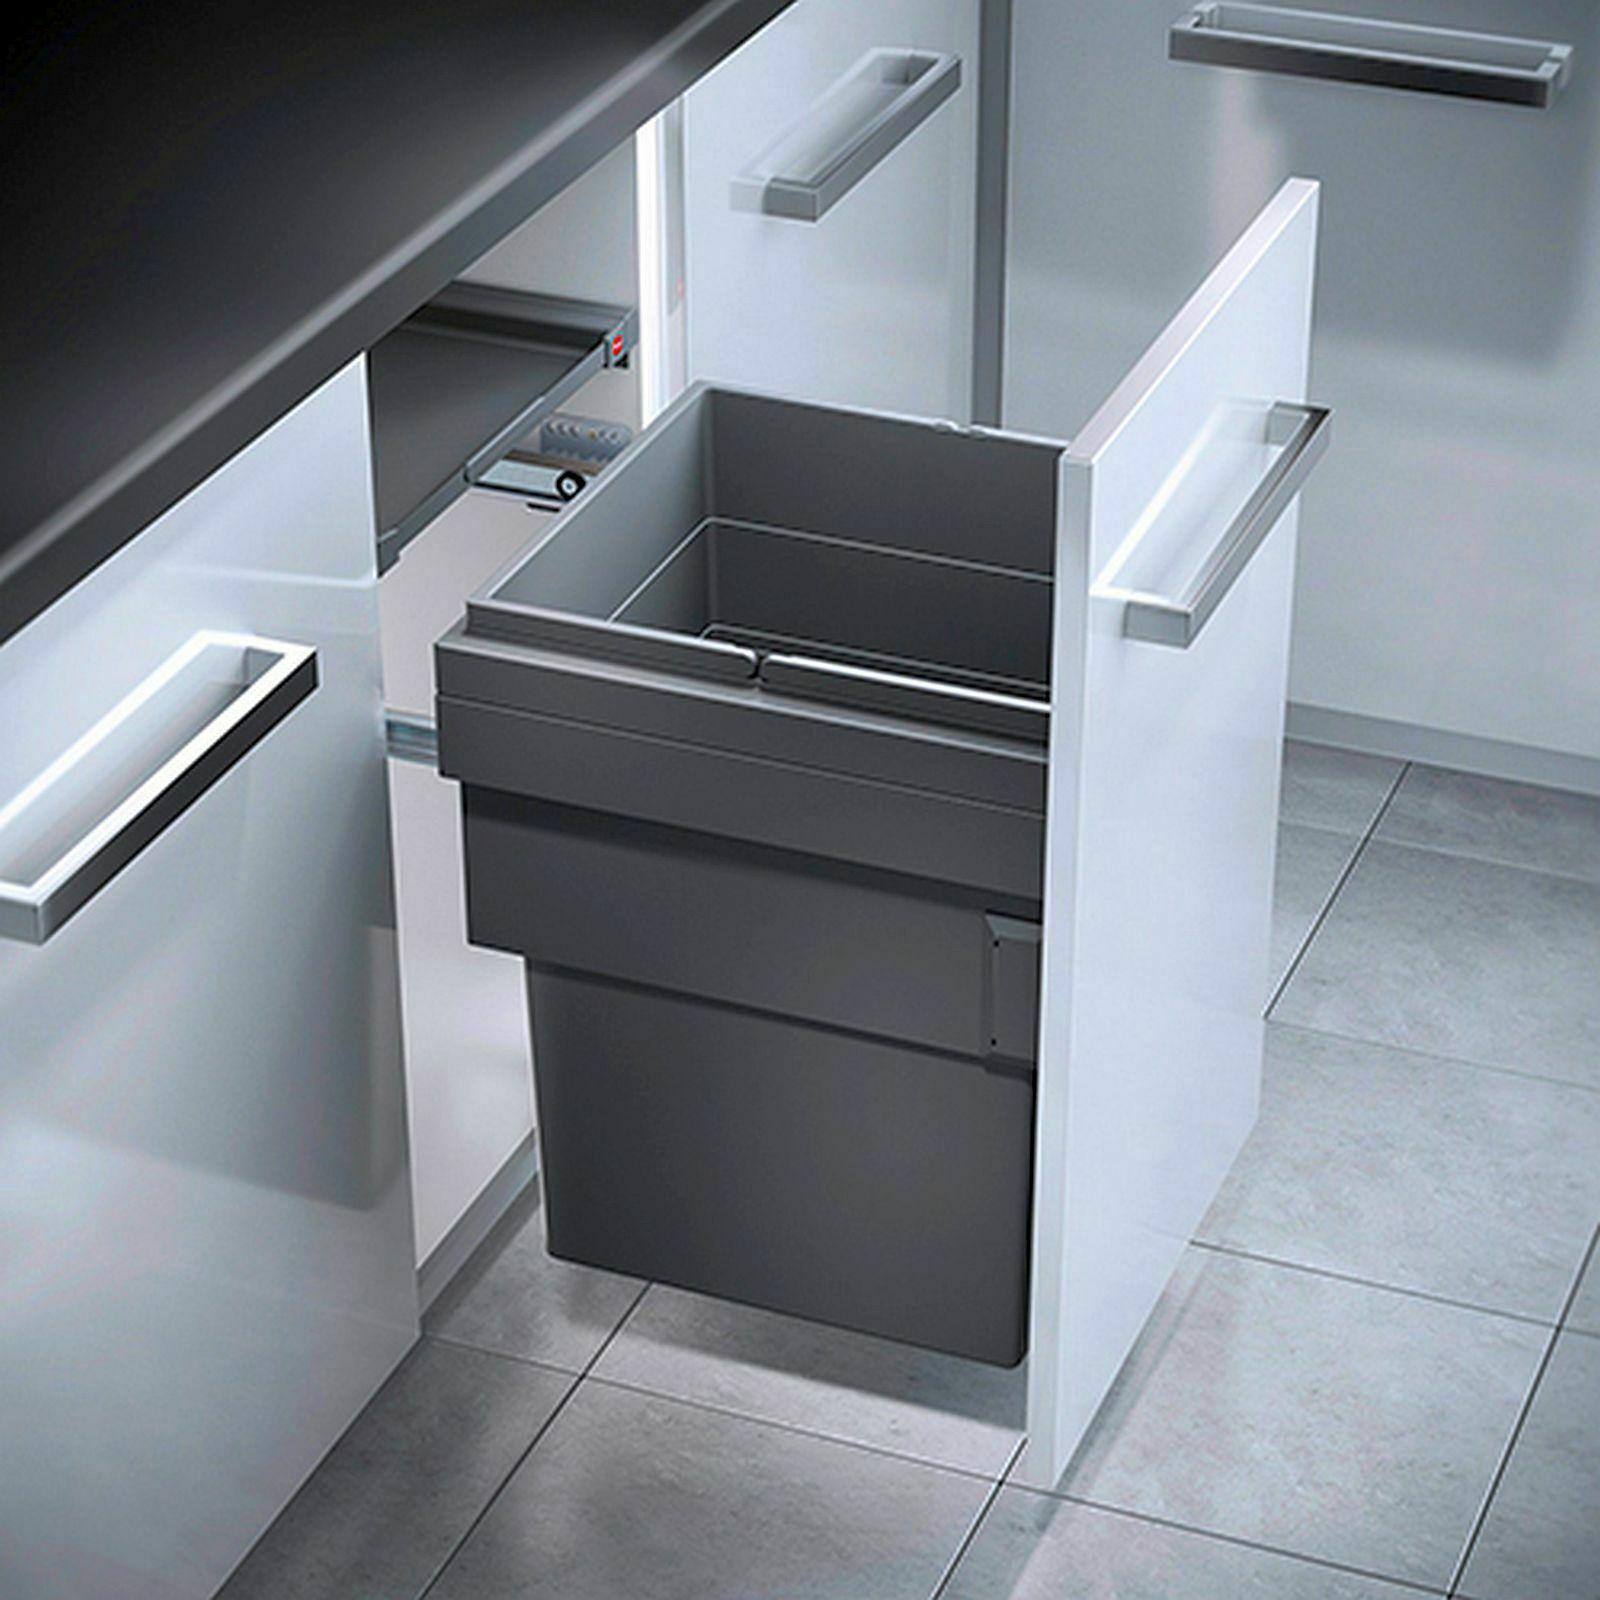 Einbau Mülleimer Küche 55 L Hailo Cargo Müllsystem Gastro Abfalleimer  *569540